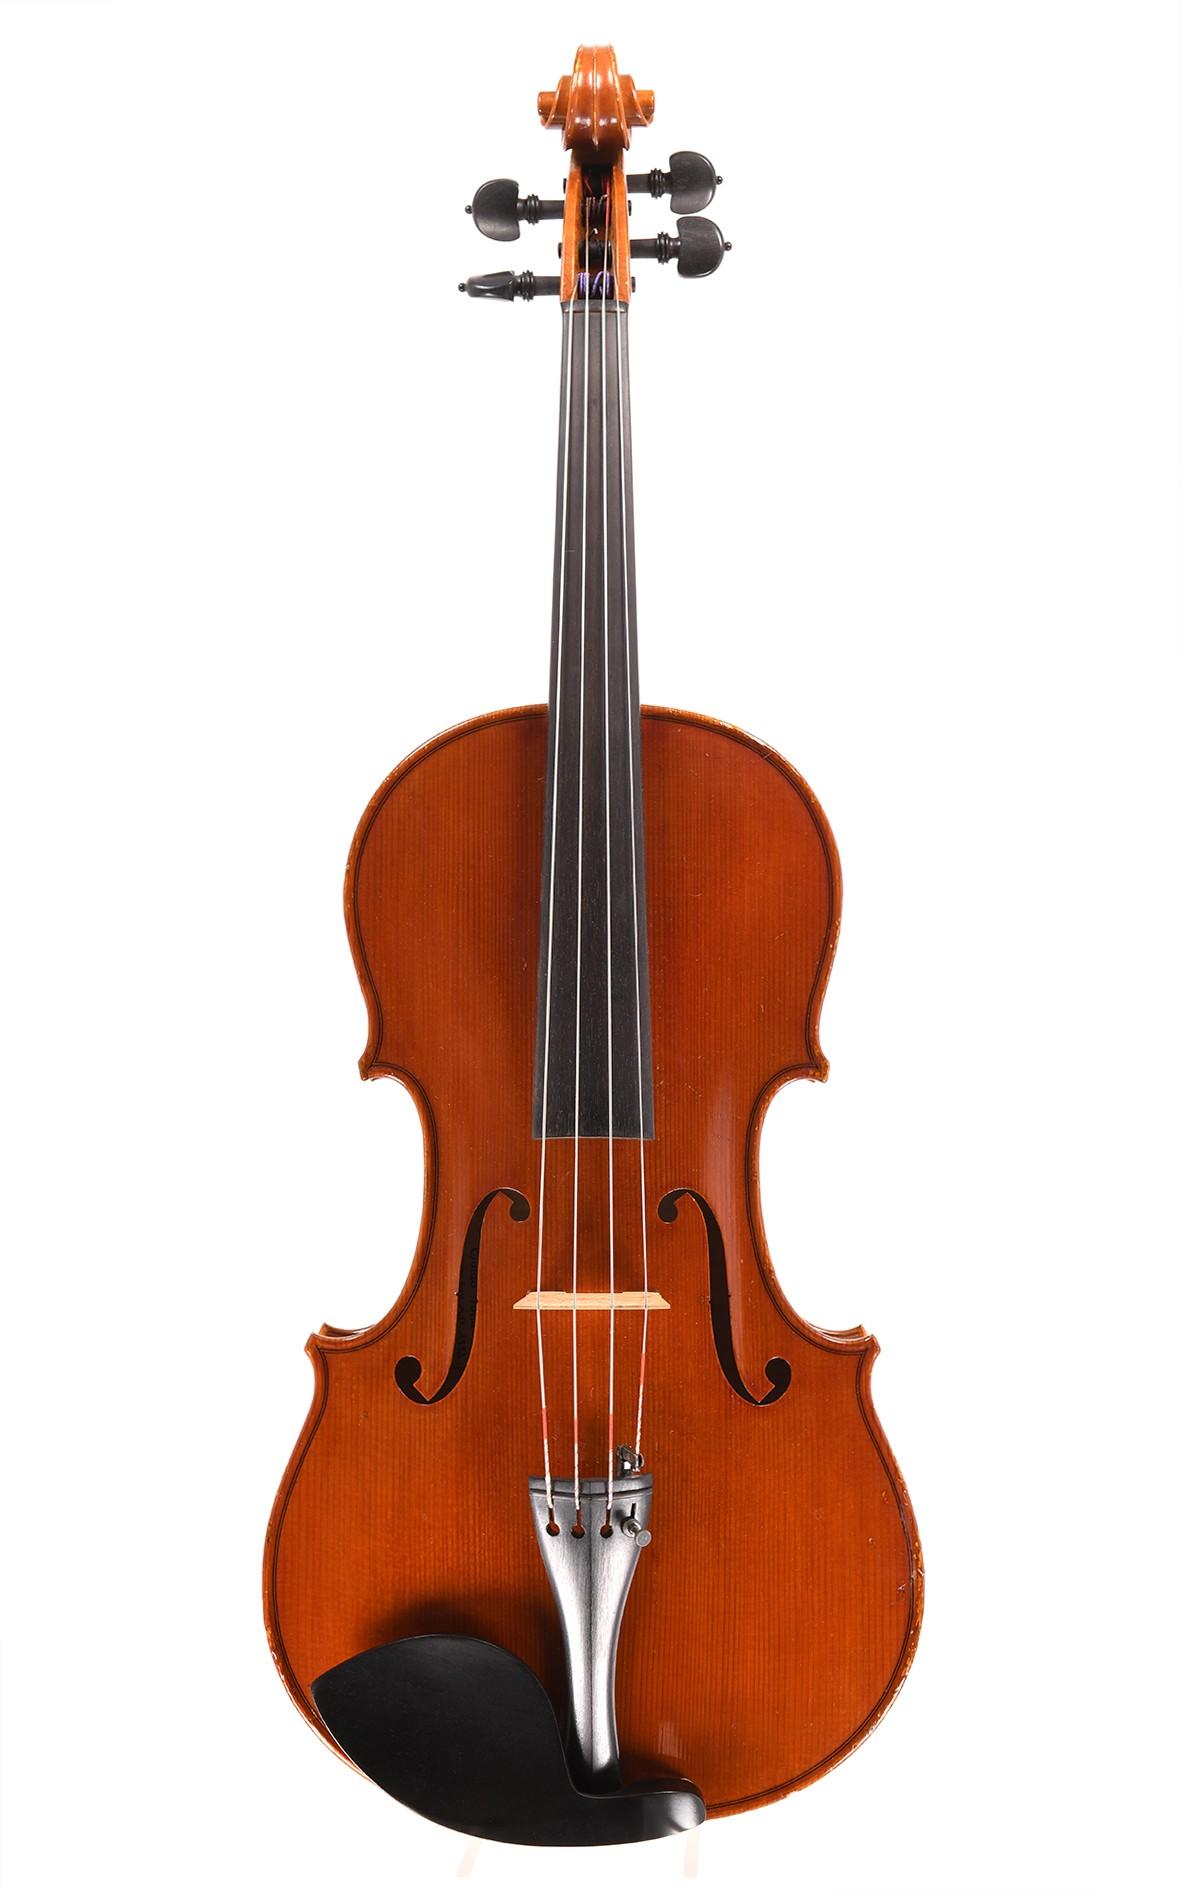 Italian viola by Guido Trotta, Cremona, 1993